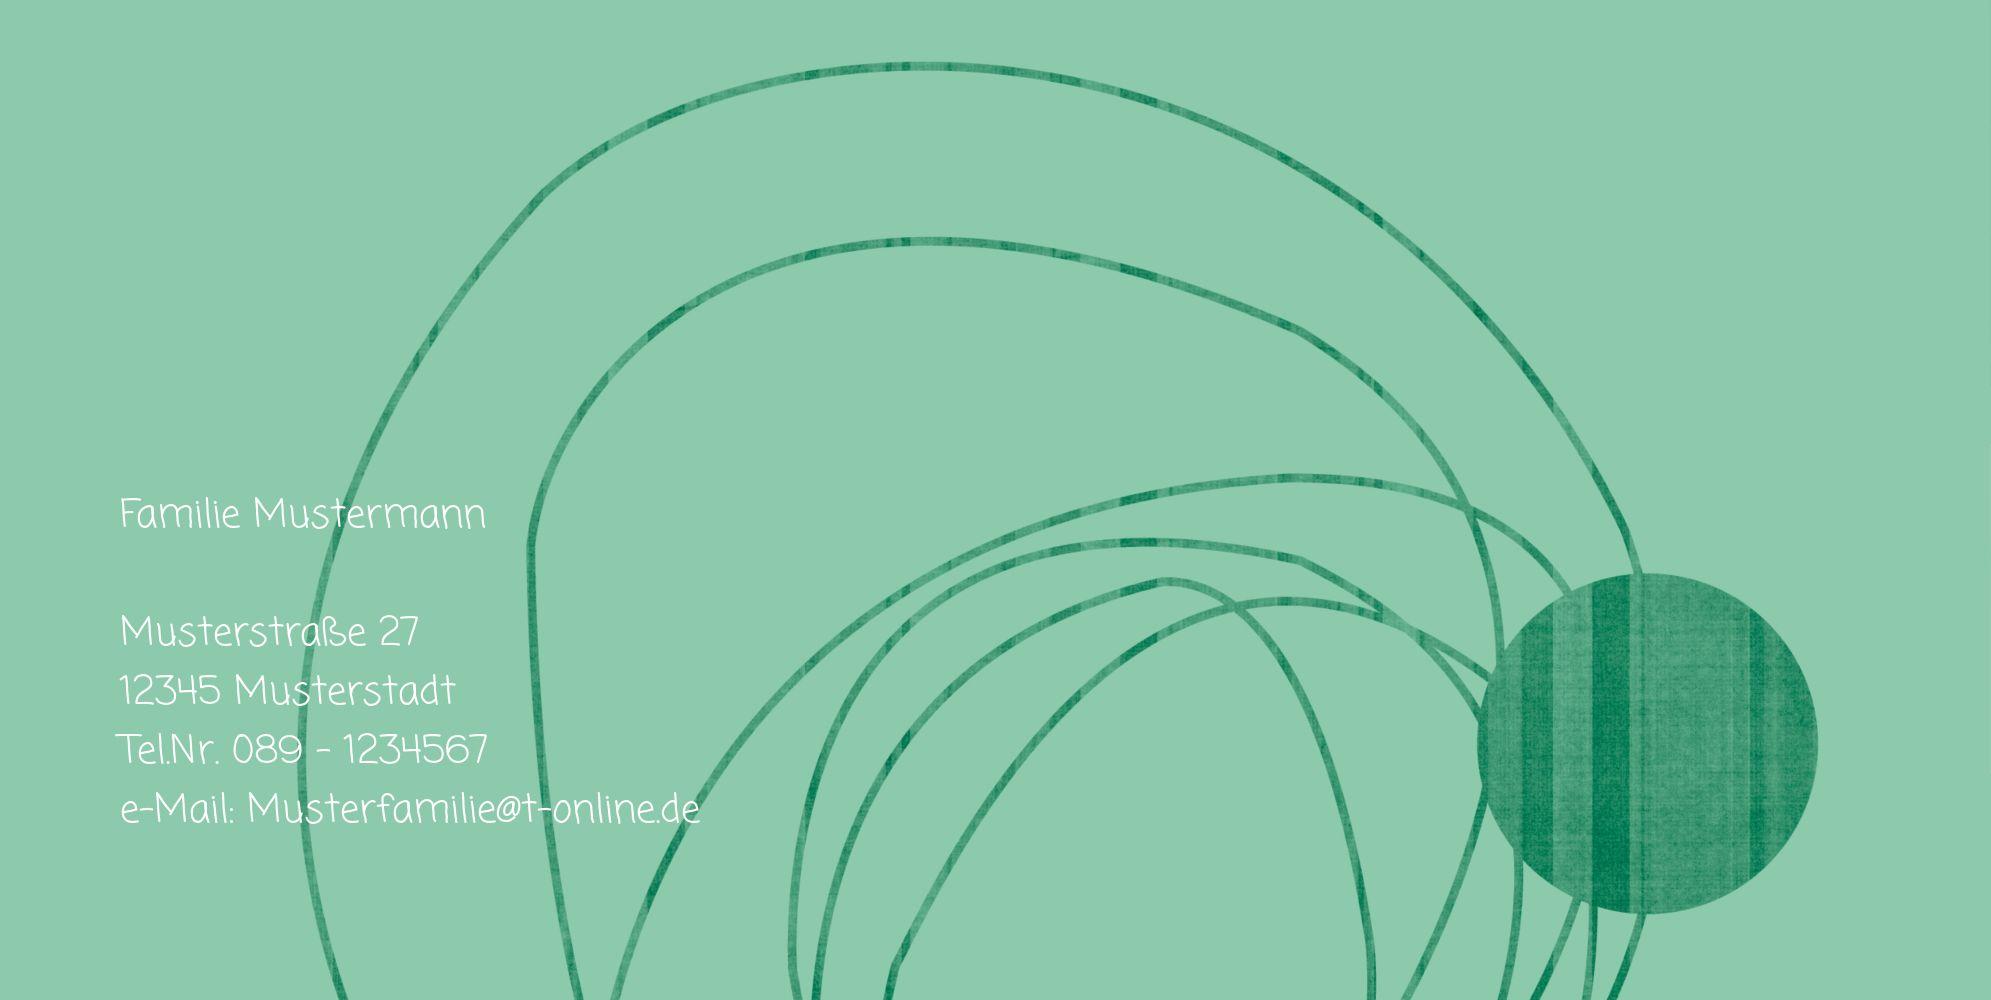 Ansicht 2 - Taufkarte Einladung Wollknäuel